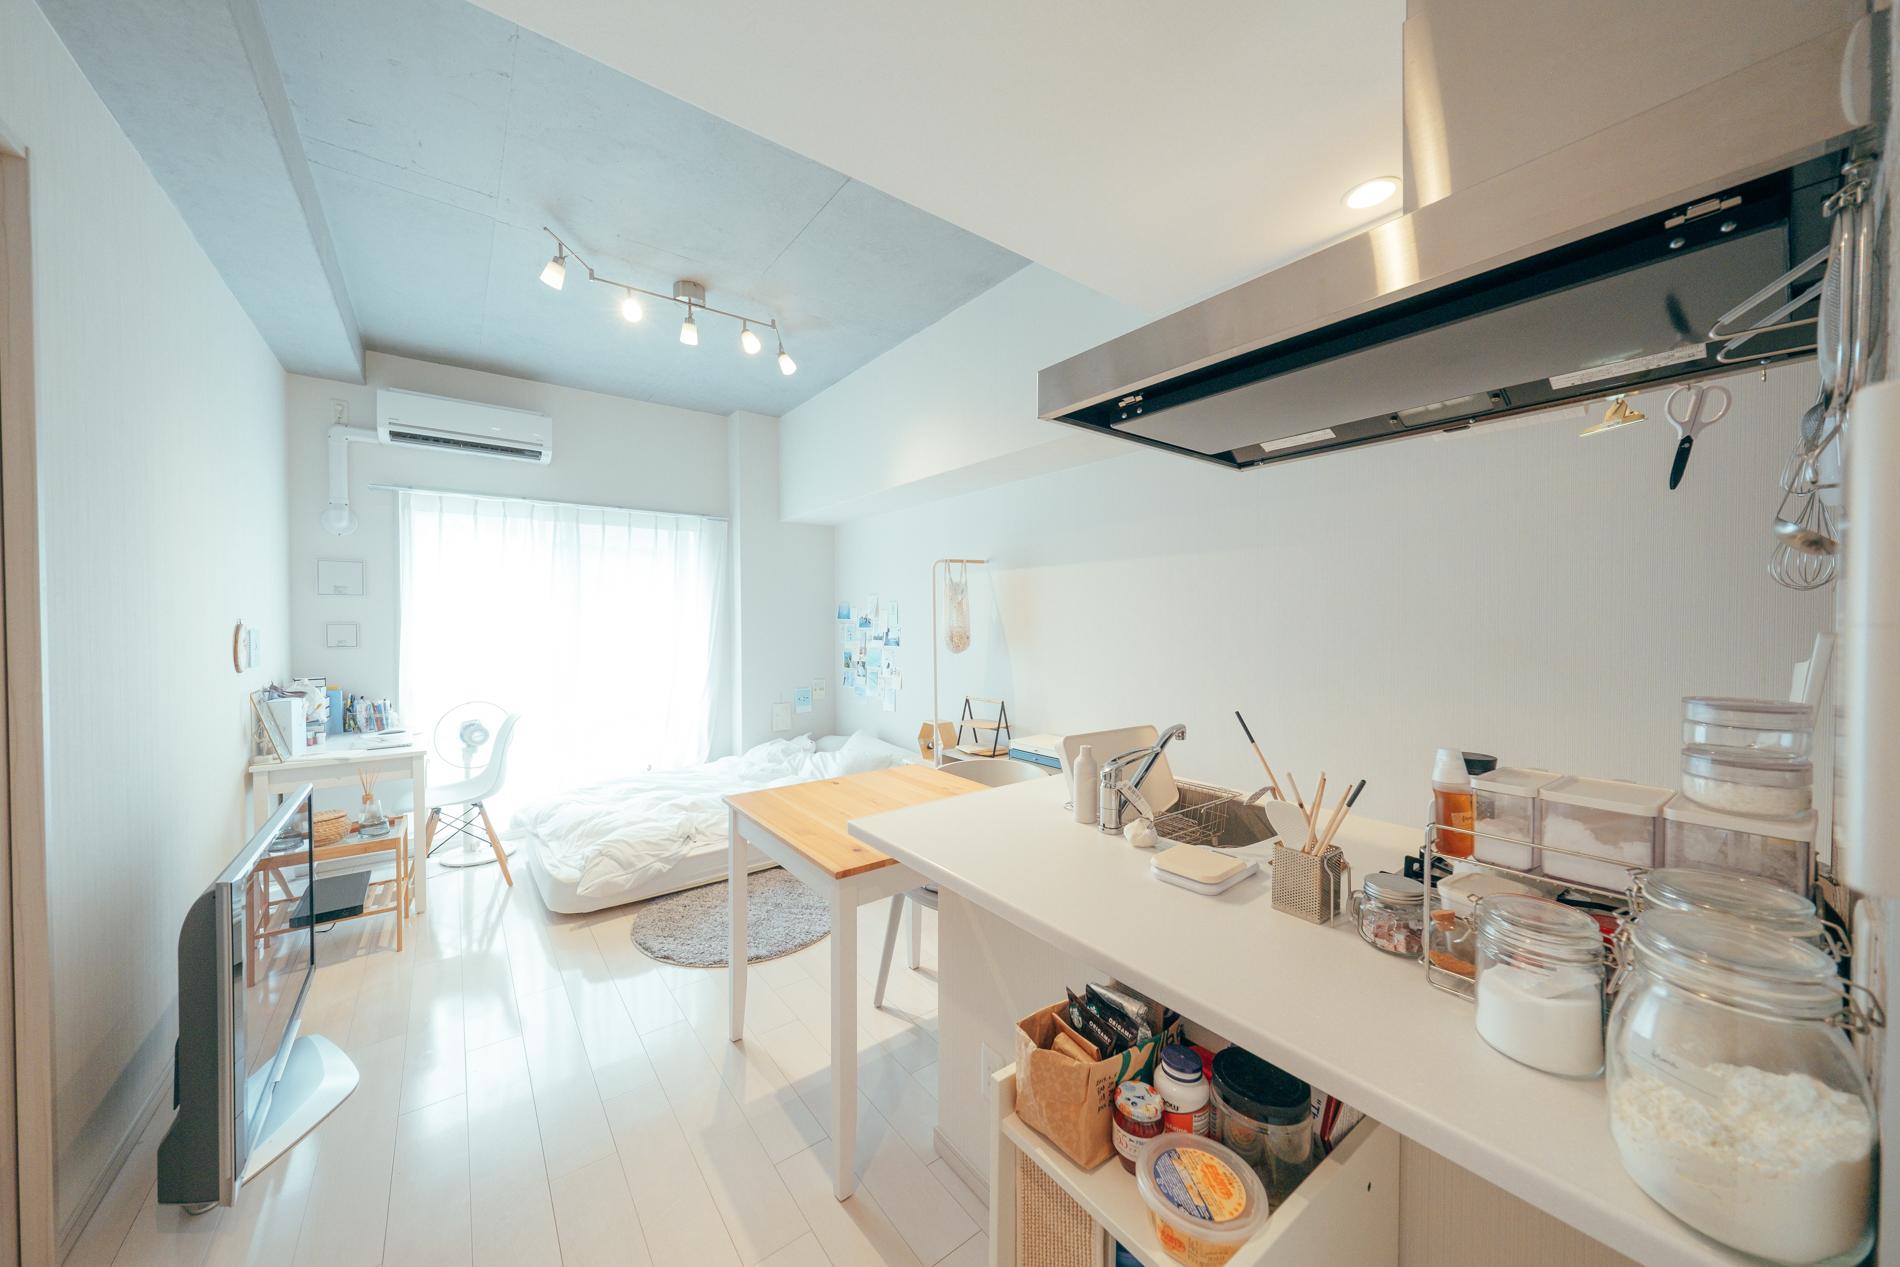 天井の高さを活かすため、高さのある家具は置かないようにしているという、c246570。たしかにベッドはマットレスのみの低めのものを、またテレビも床に直置きでできるだけ高さを出さないように工夫されています。